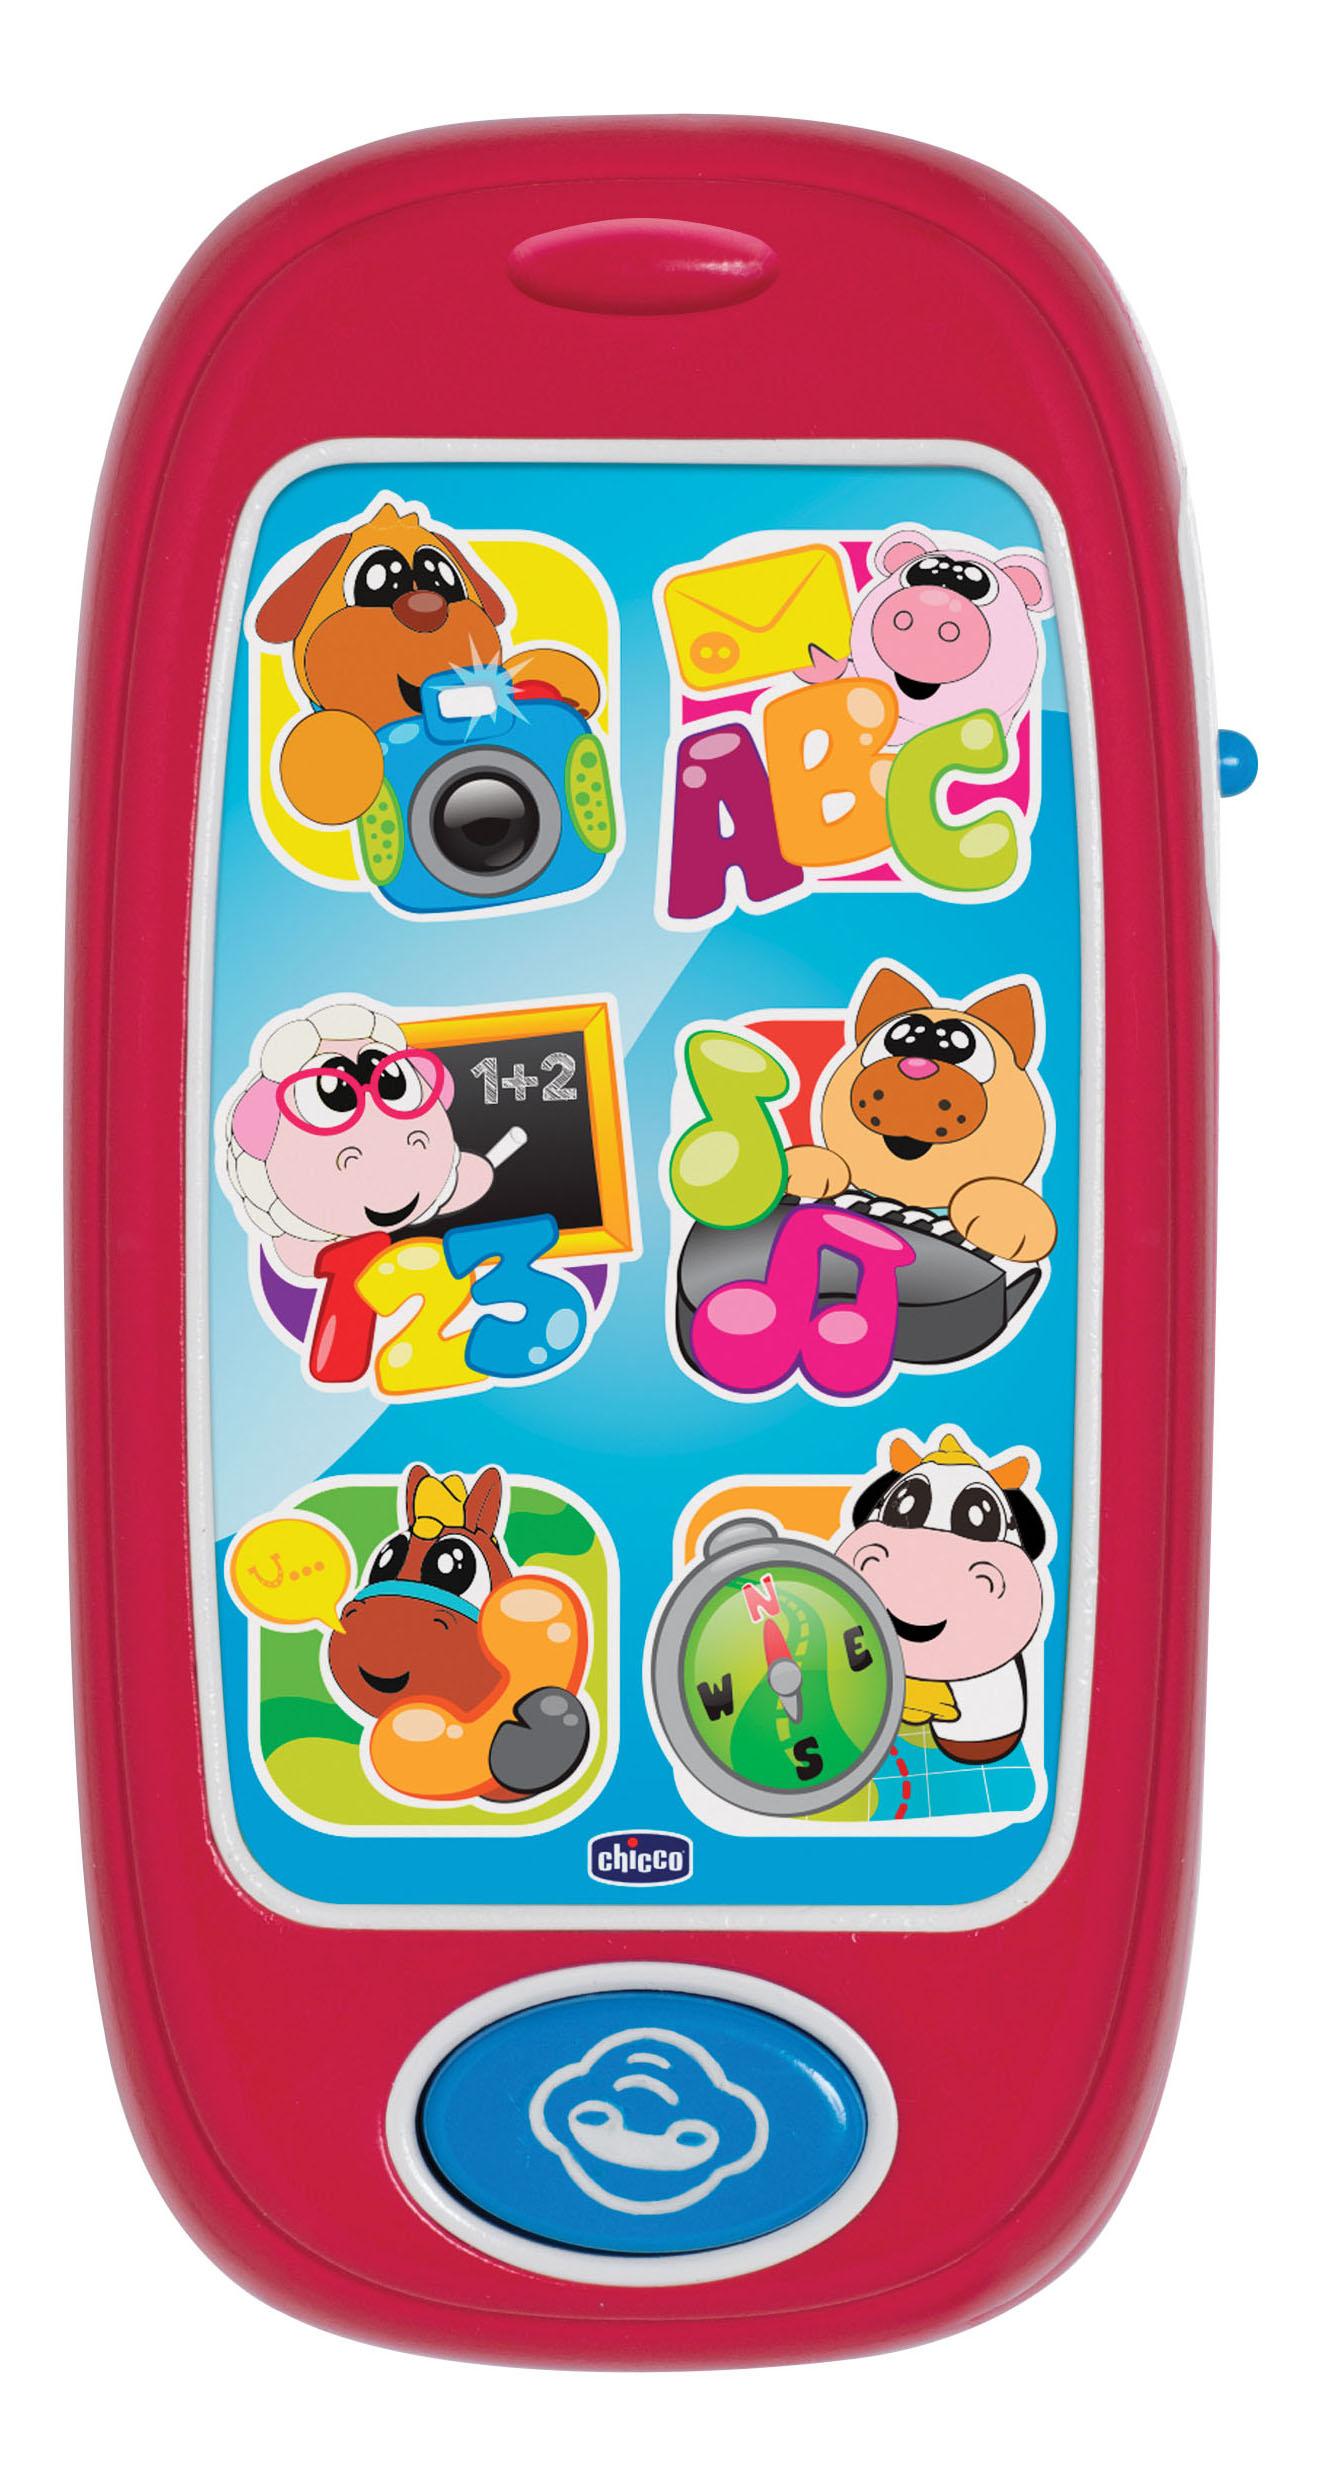 Музыкальная игрушка Chicco Говорящий Смартфон АВС 60077 фото